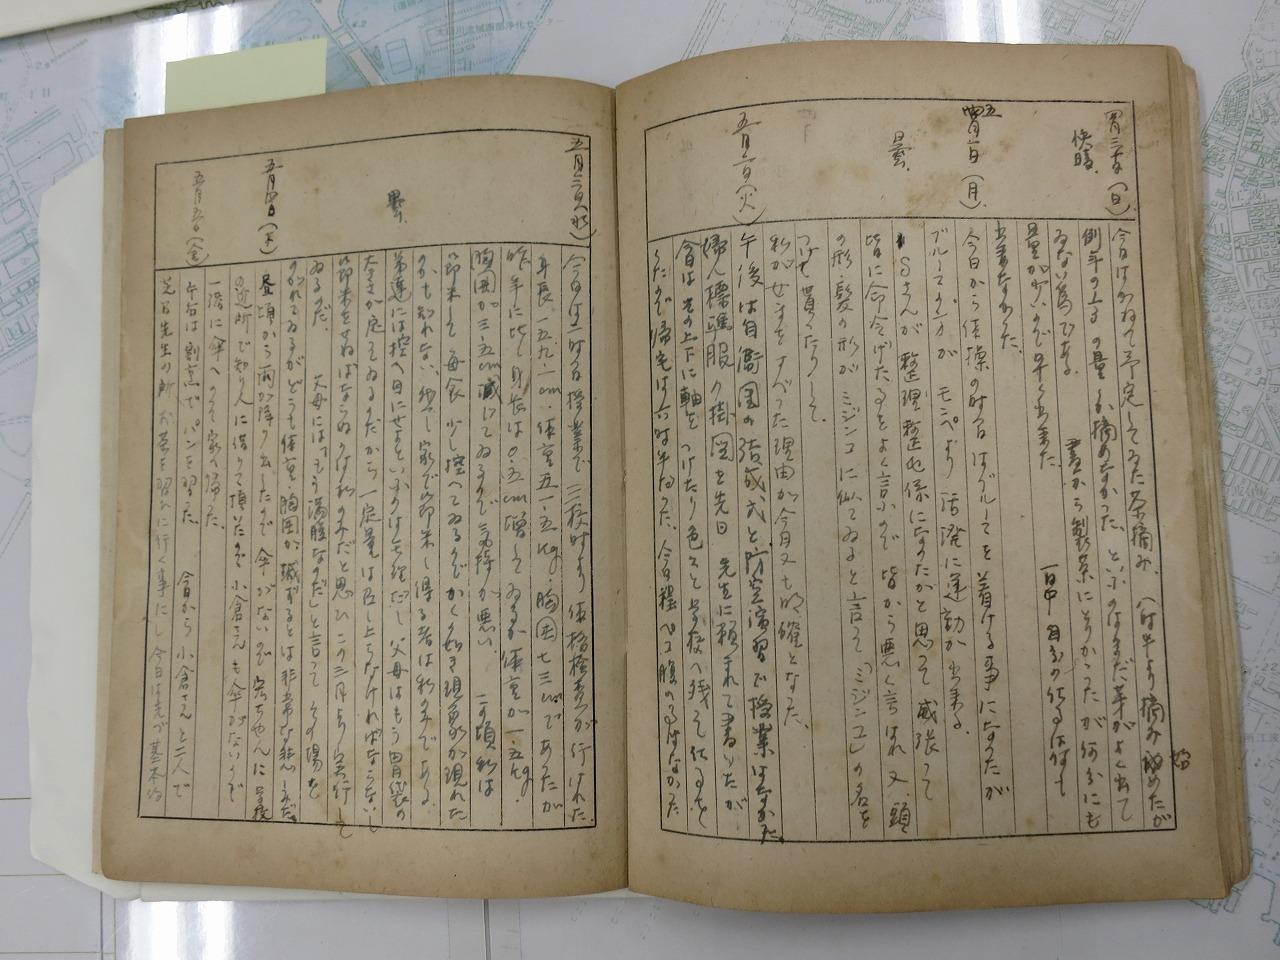 昭和19年の日記